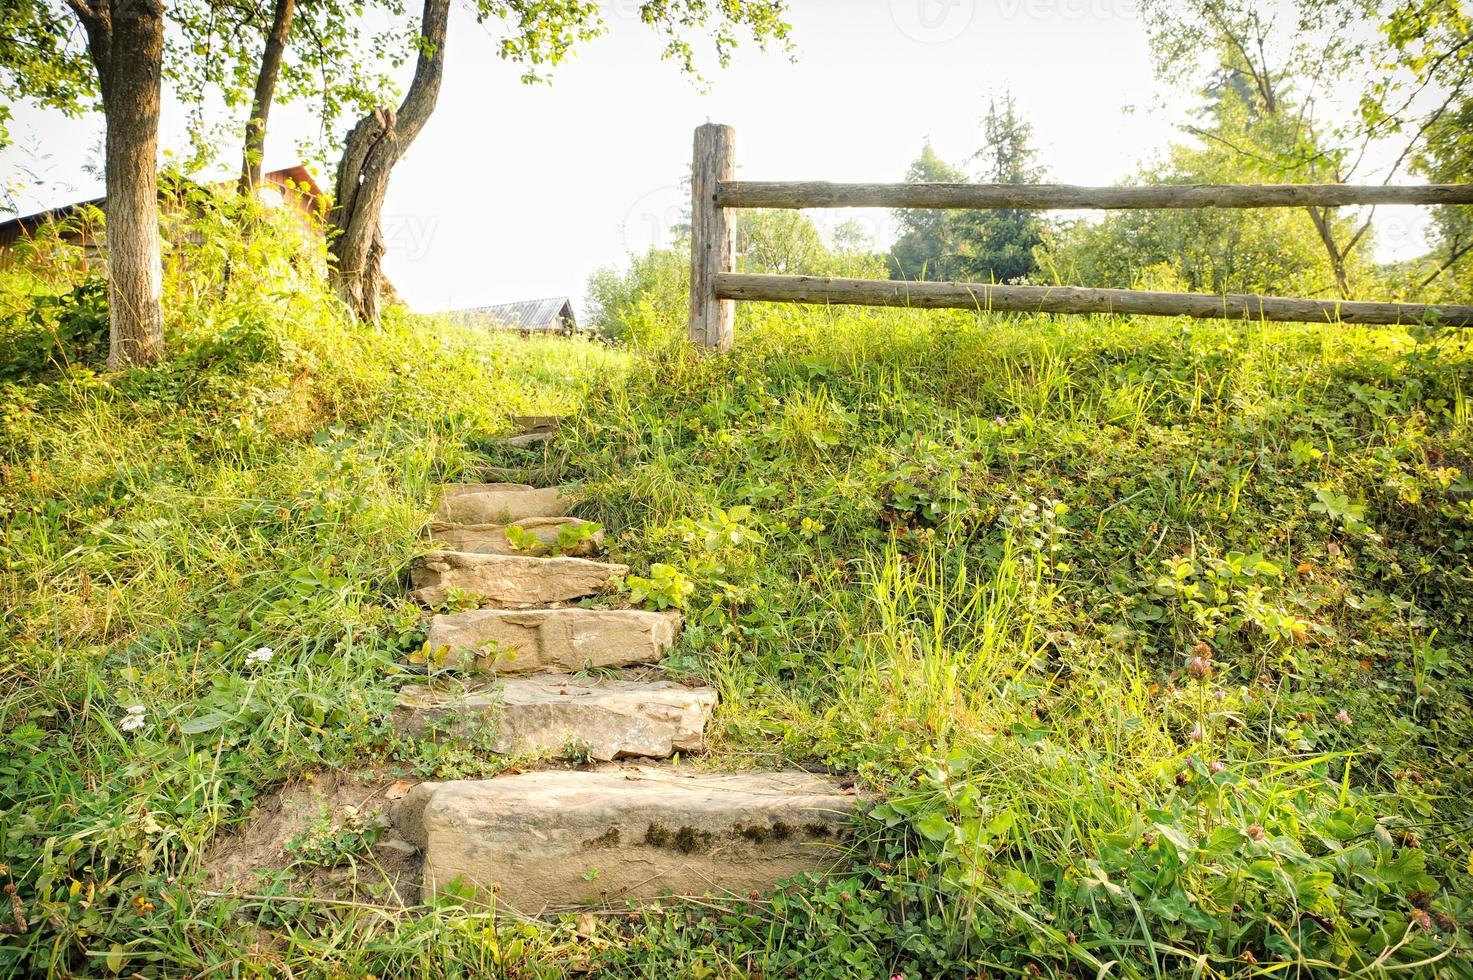 hermoso sendero de trekking en la montaña. foto